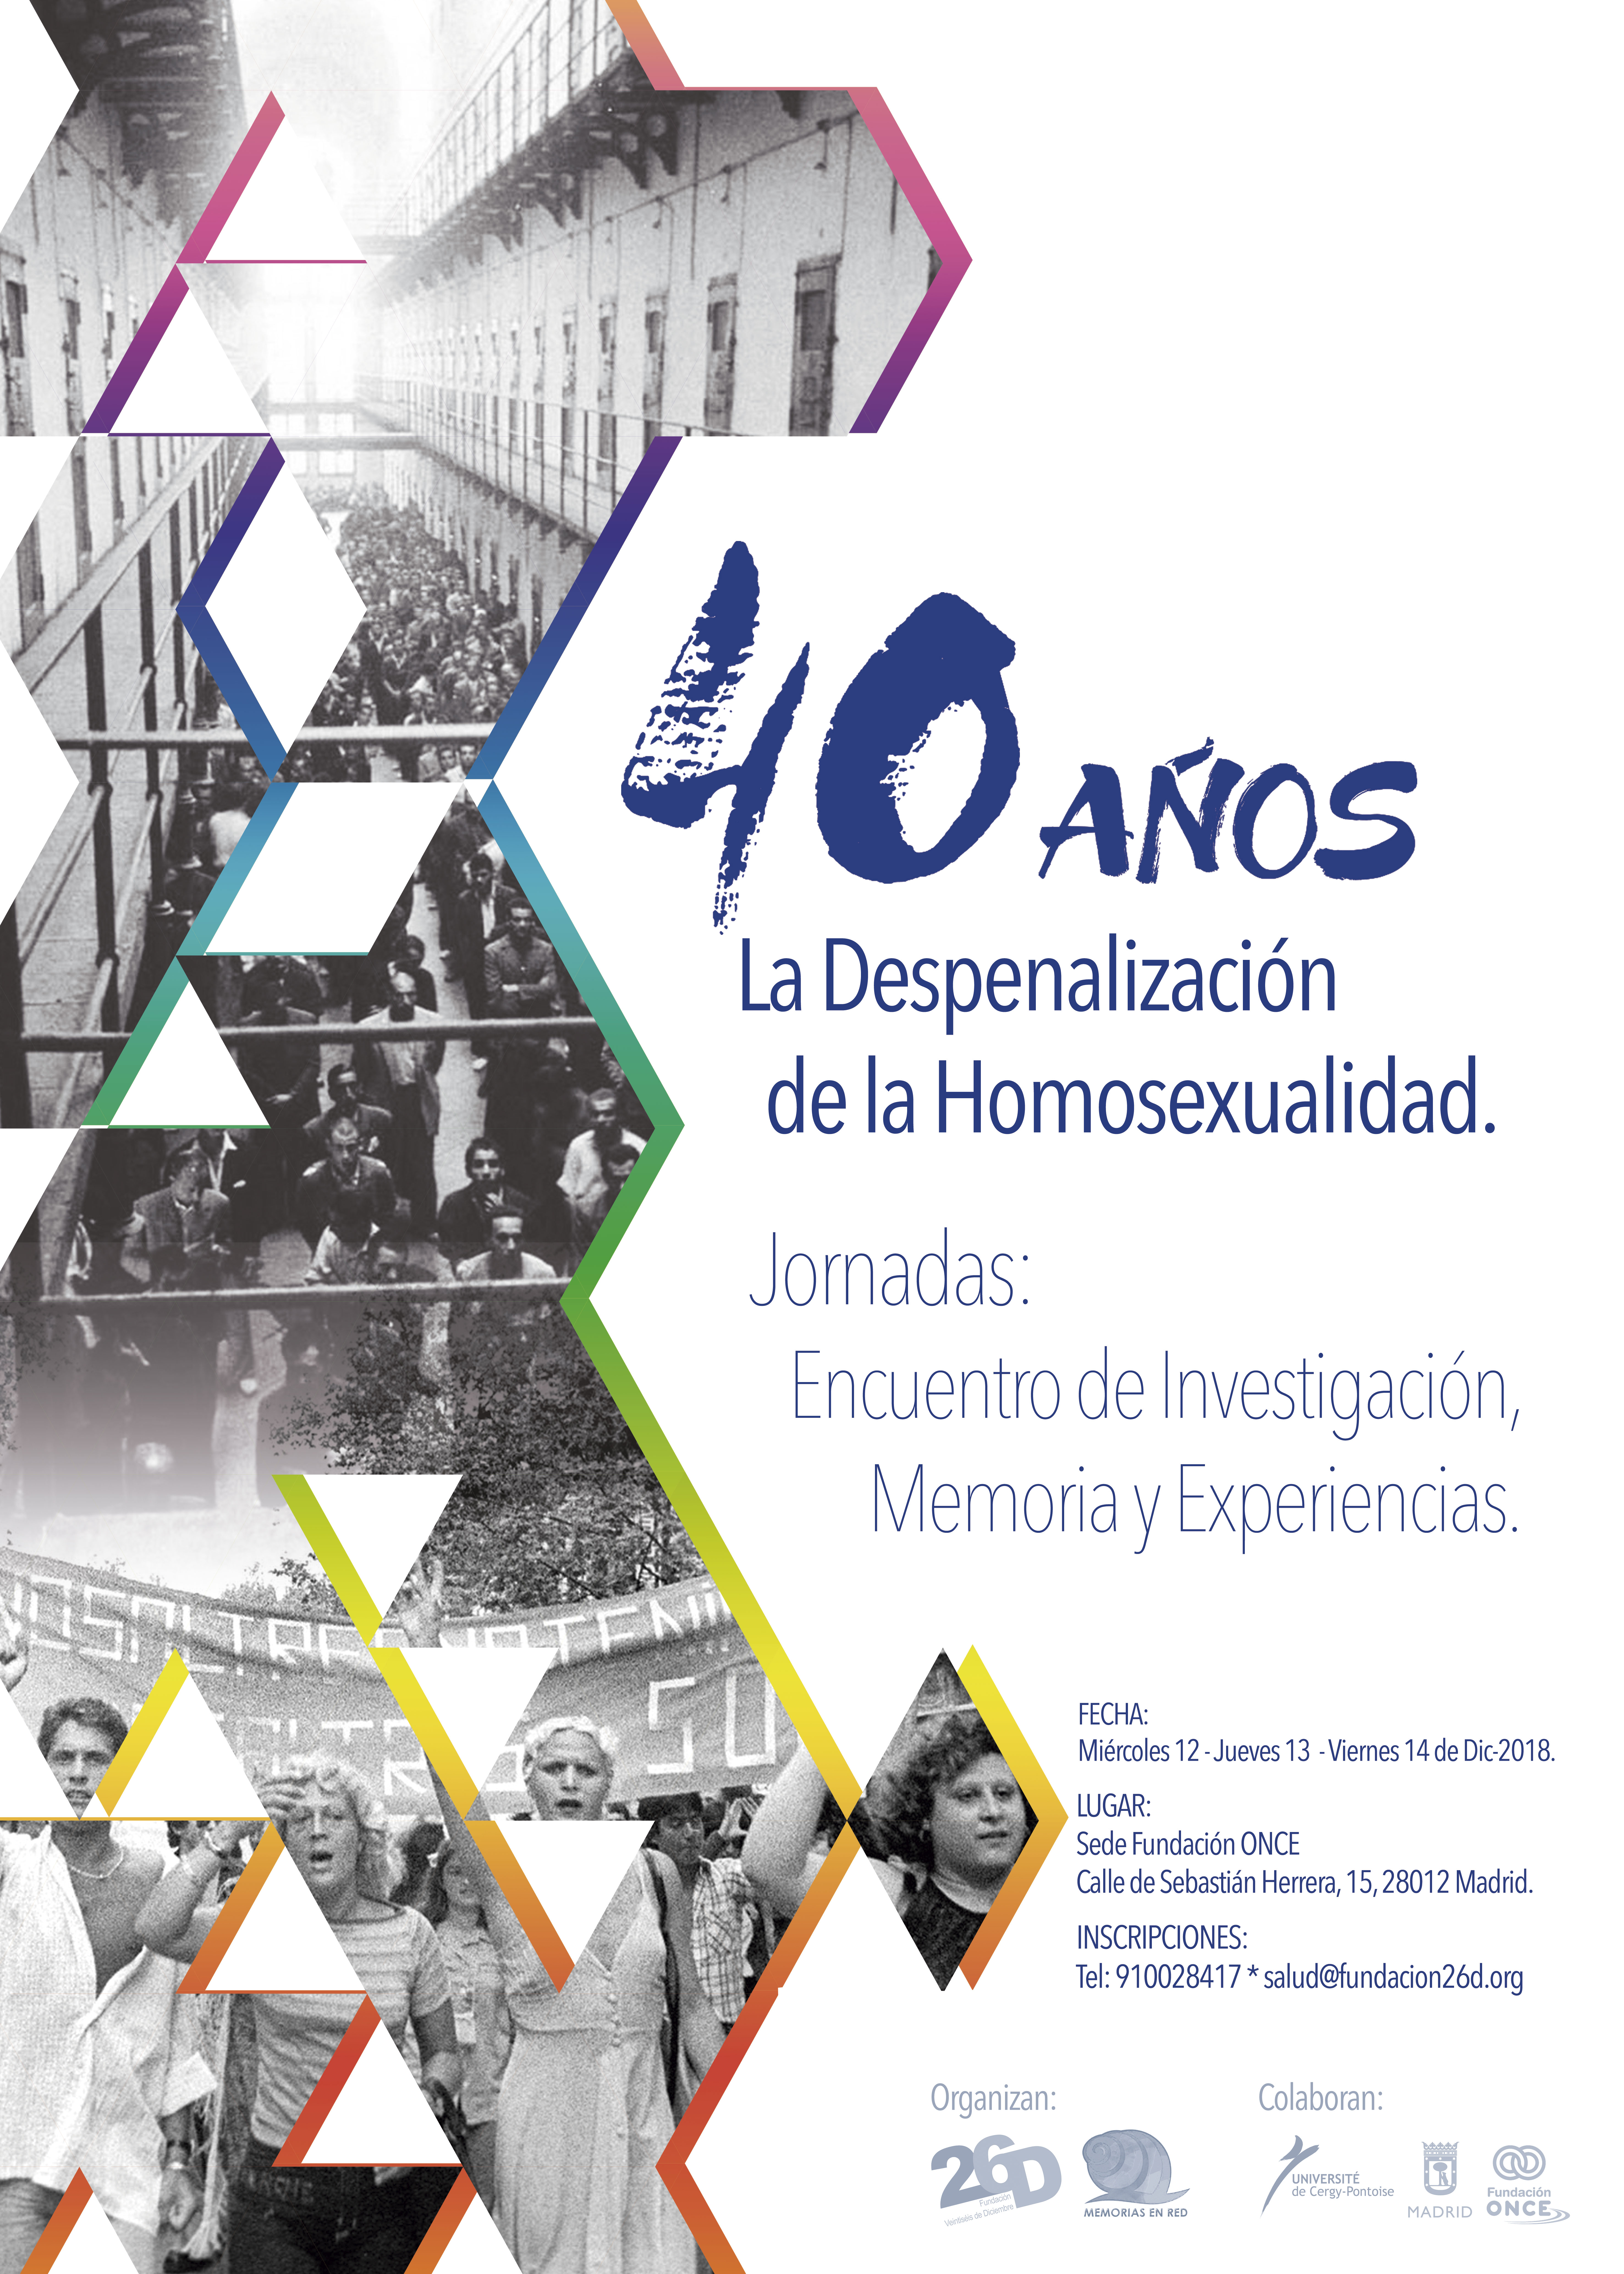 Encuentro: 40 aniversario de la despenalización de la homosexualidad en España, Madrid, 12-14 diciembre de 2018.